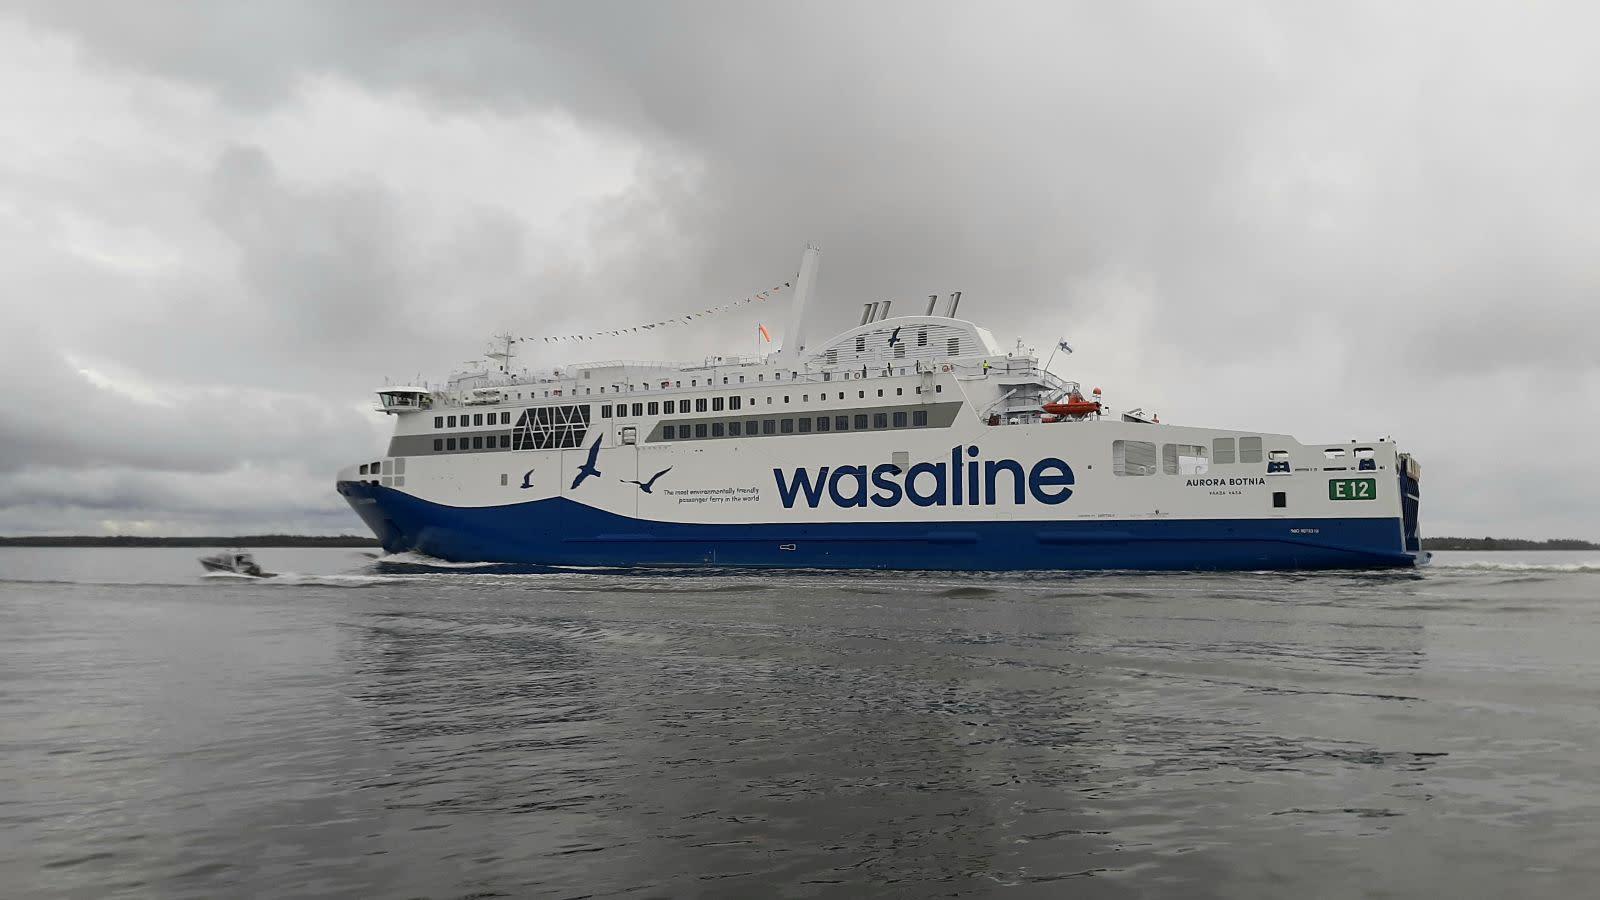 Aurora Botnia anländer till Vasa